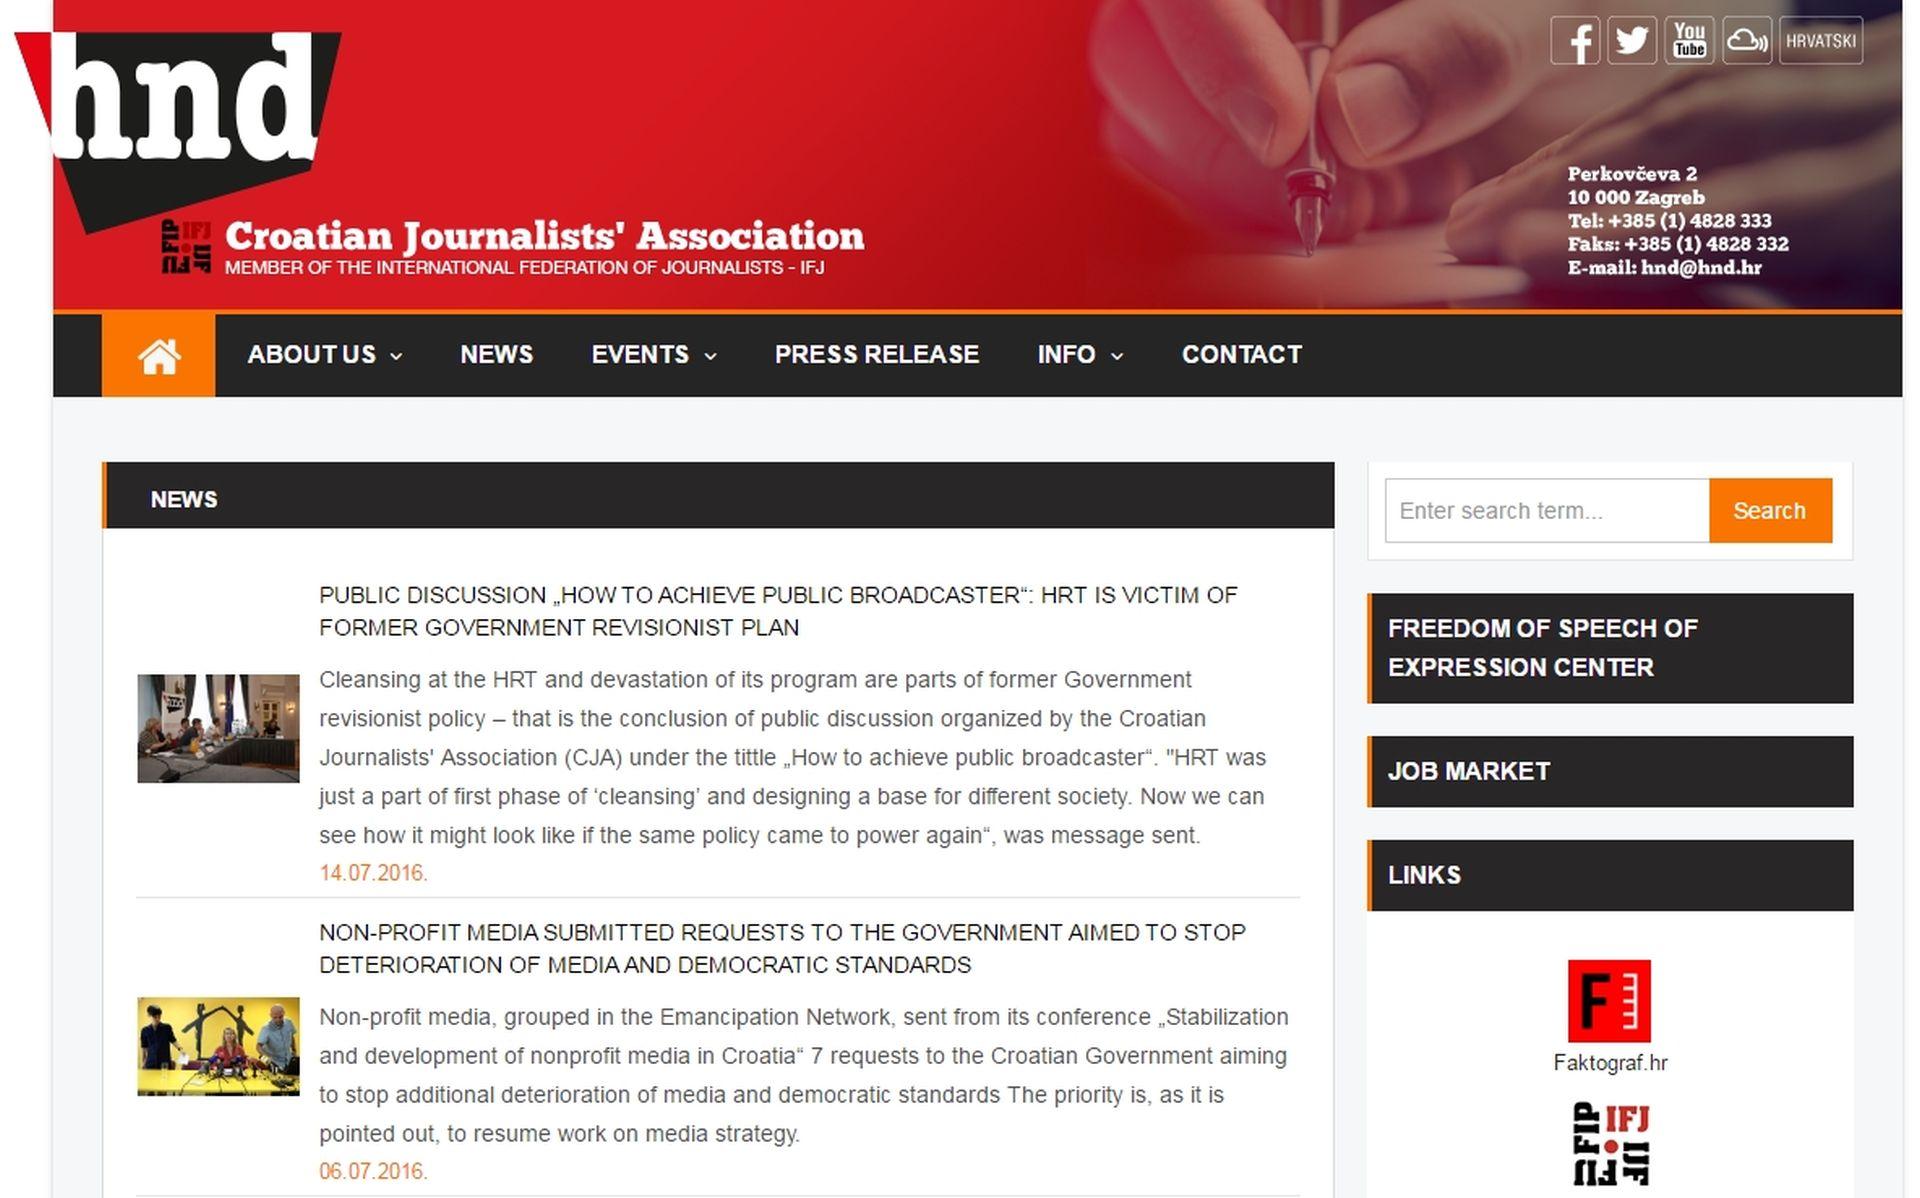 Portal Hrvatskog novinarskog društva dobio i englesku verziju